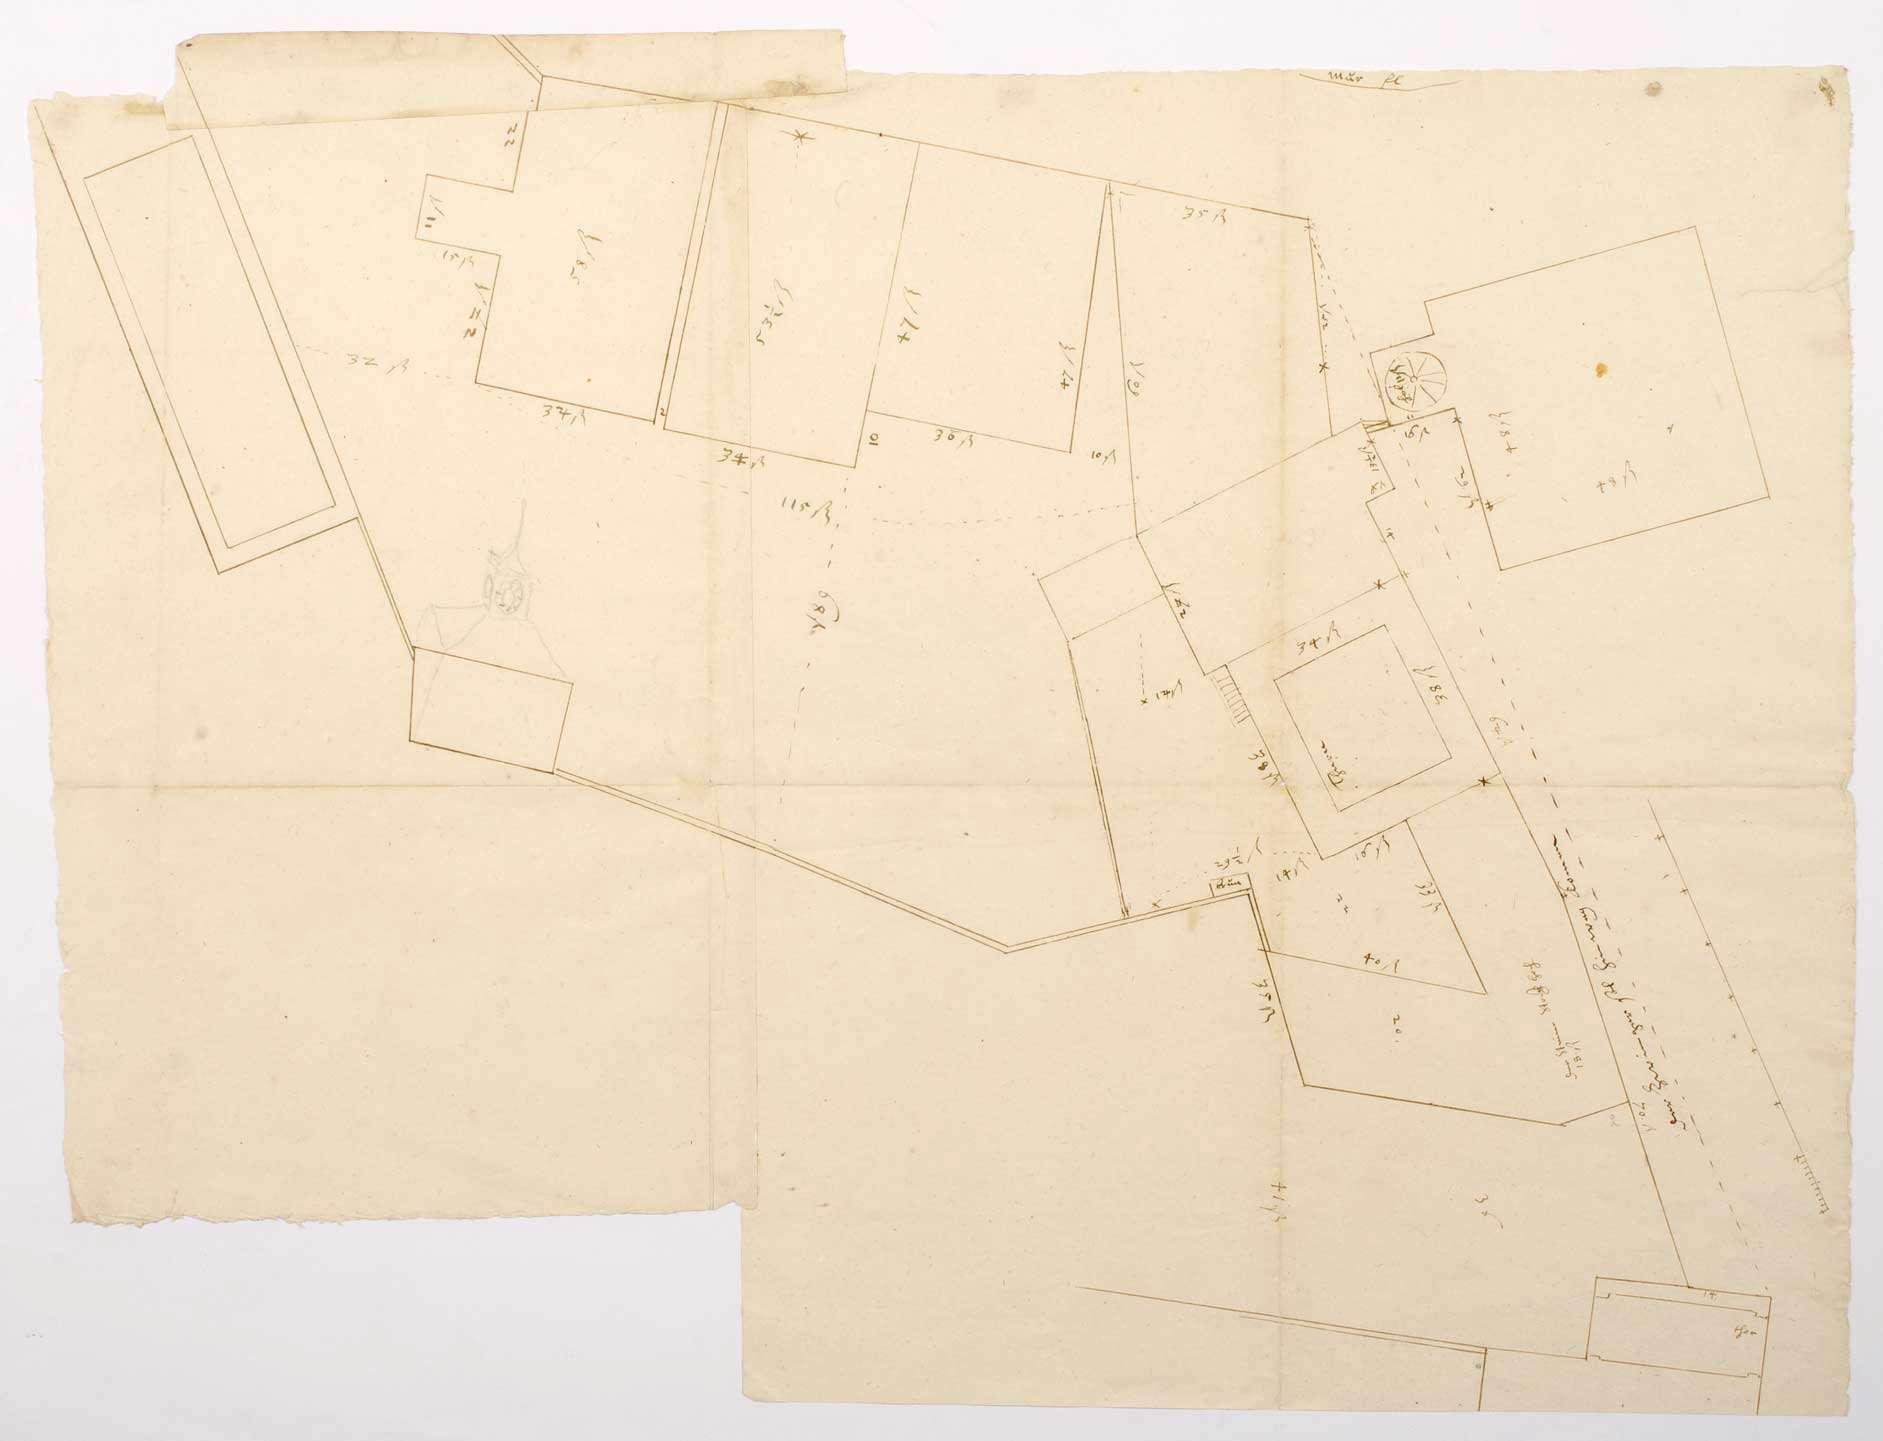 Grundriss/Lageplan der abzubrechenden Stiftshäuser (41 x 53 cm), Bild 1